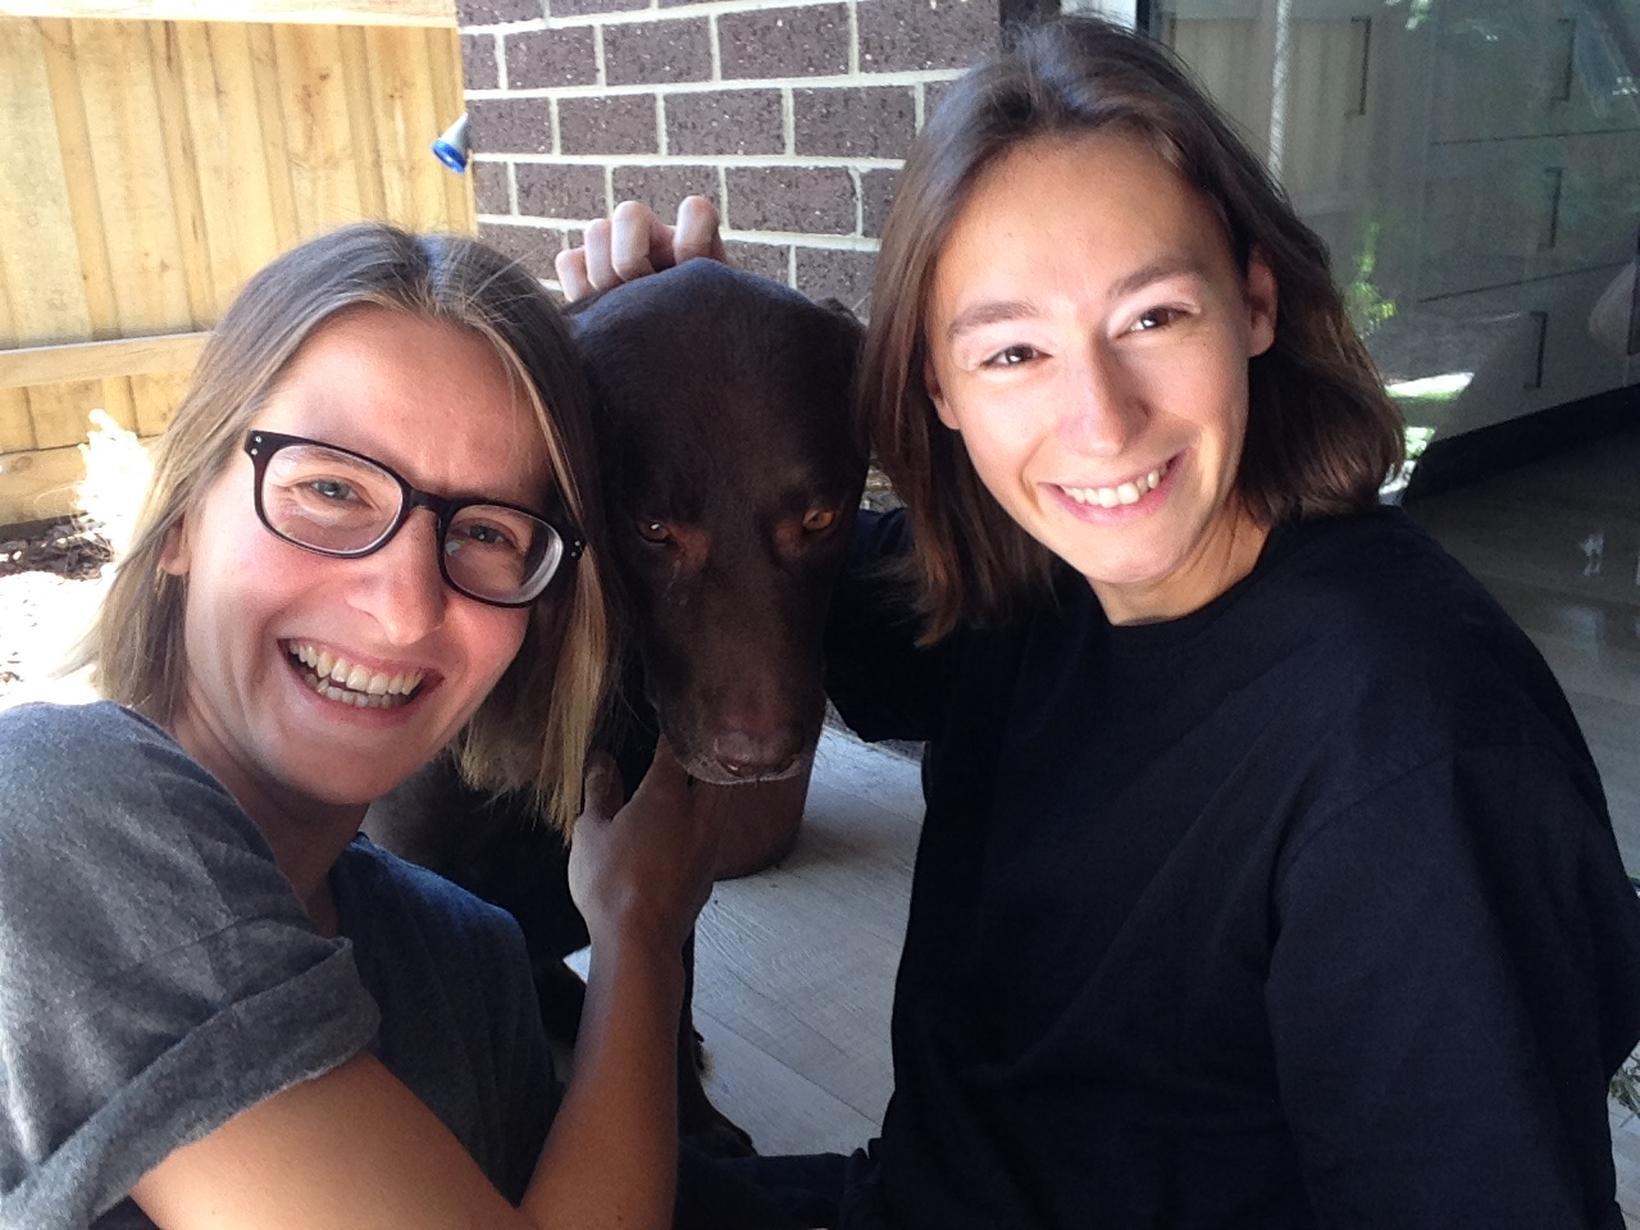 Clarissa & Alina from Toronto, Ontario, Canada